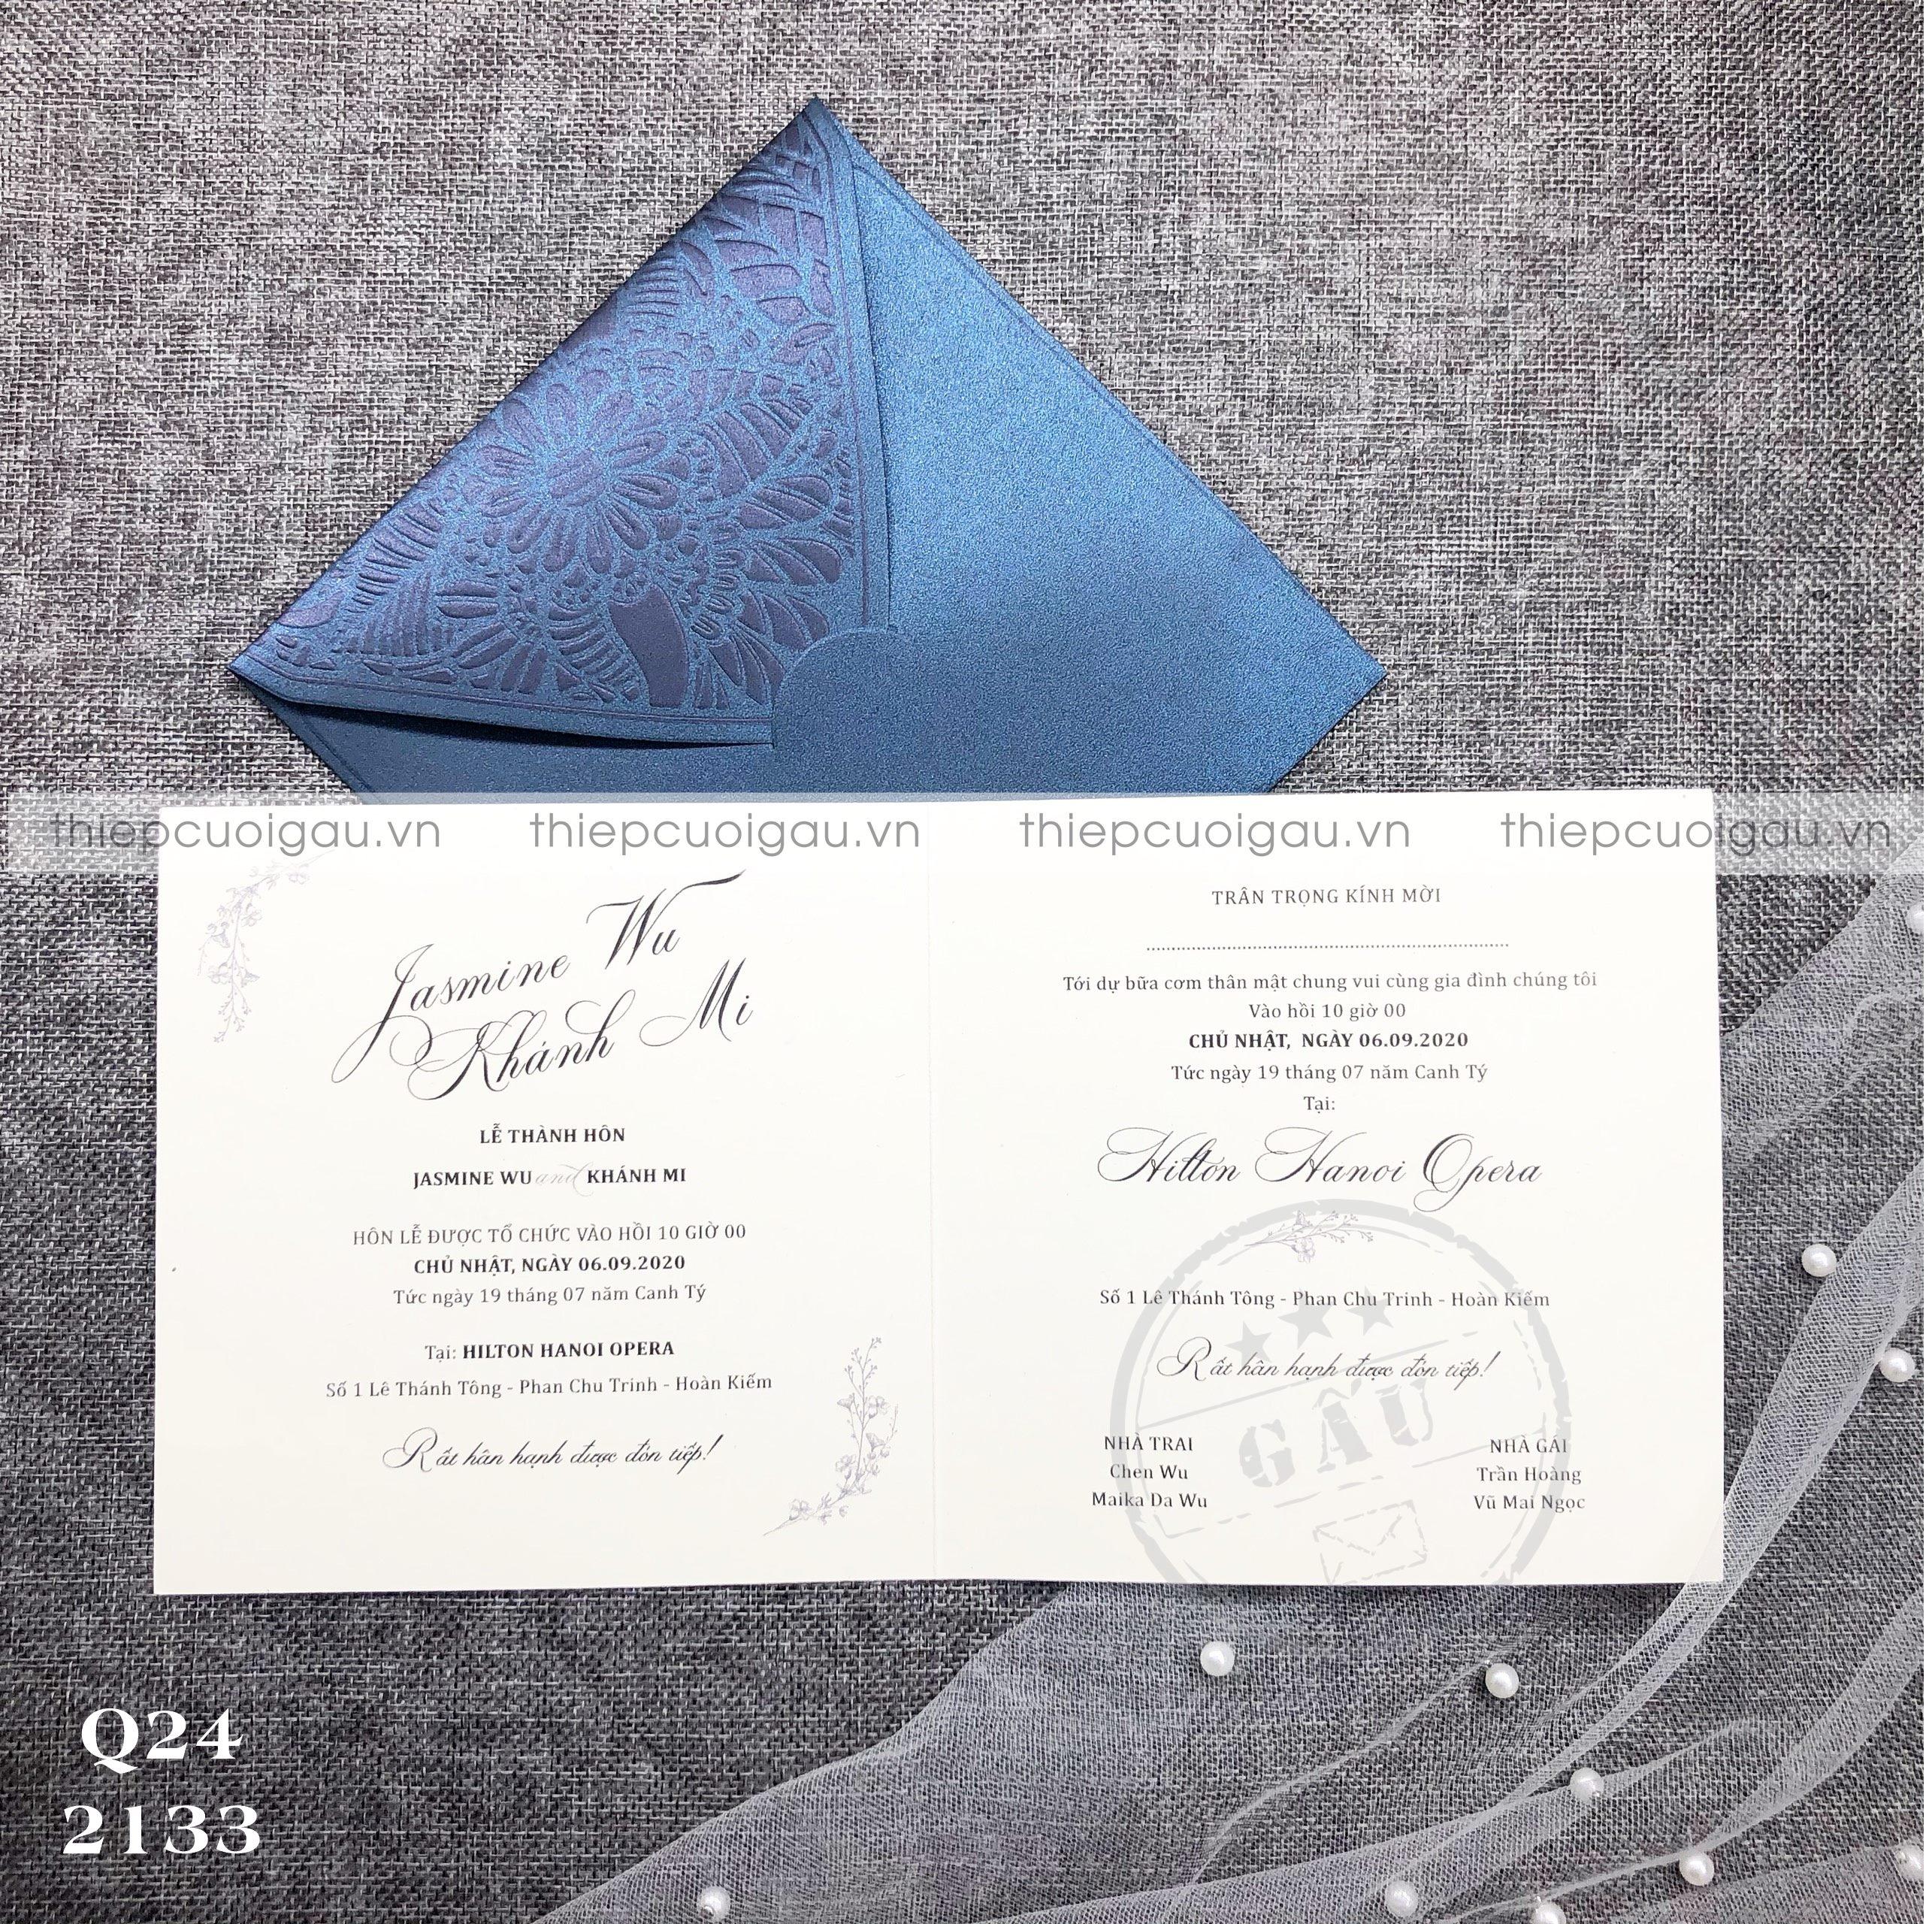 Thiệp cưới Q240